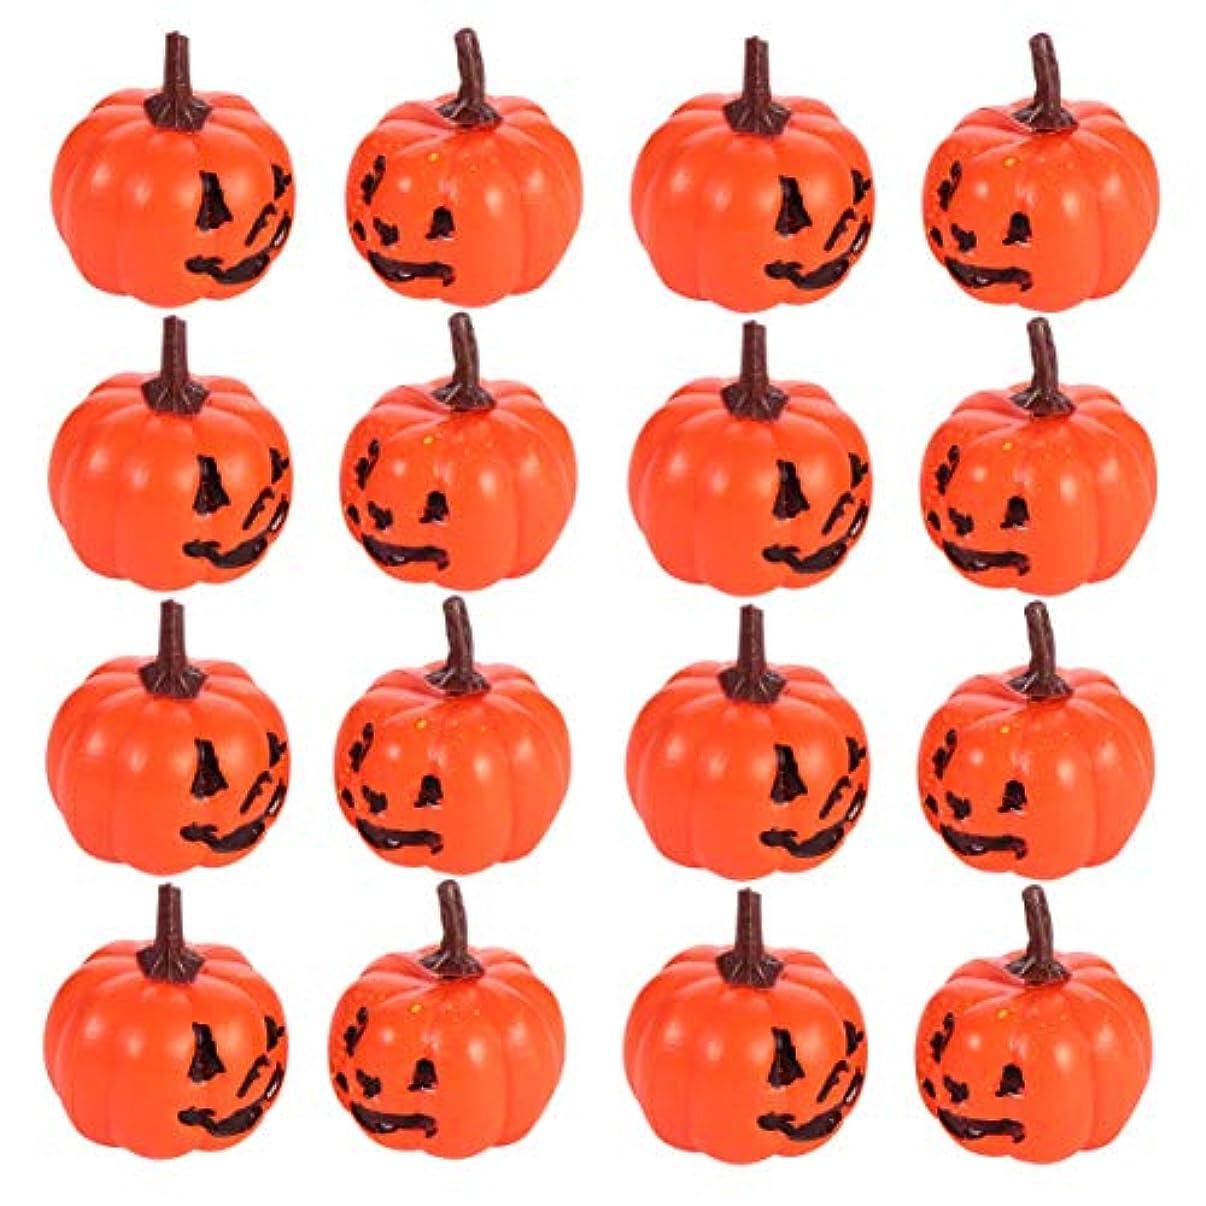 スーツにじみ出る提供Amosfun 16ピースハロウィンかぼちゃ小道具小さな人工ジャックoランタンカボチャの装飾品ハロウィン秋秋収穫装飾